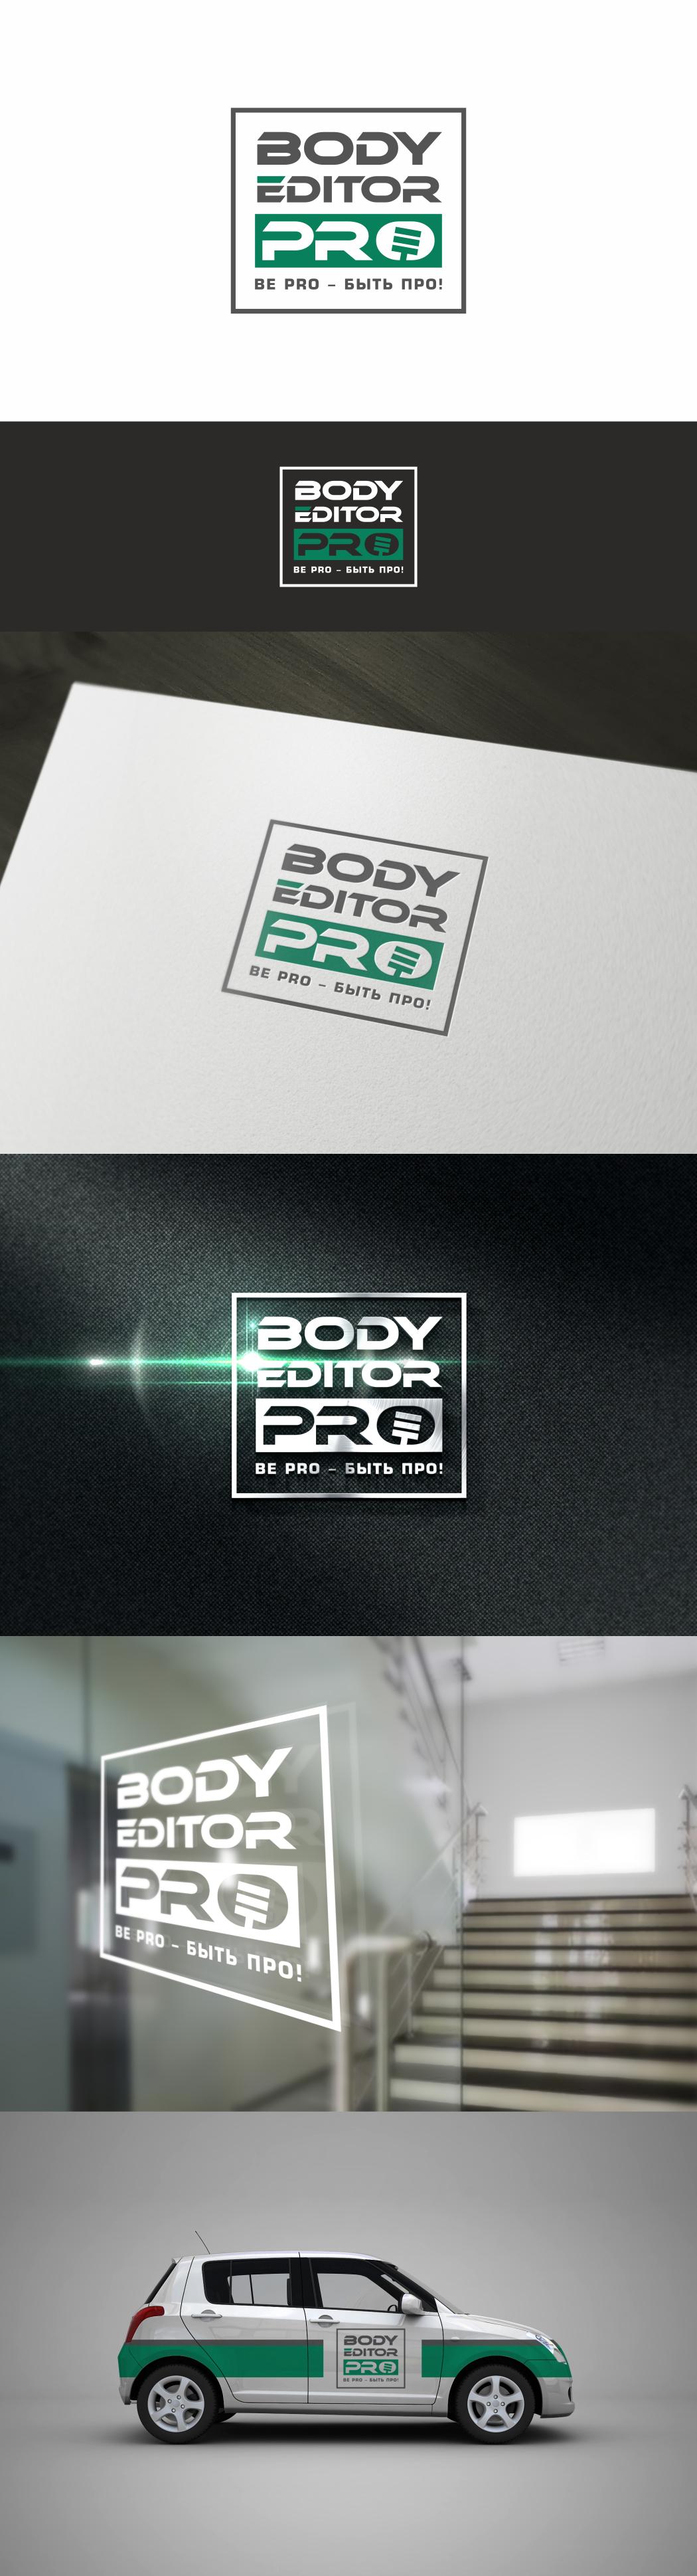 Лого+символ для марки Спортивного питания фото f_4265971c3a0ccb68.jpg